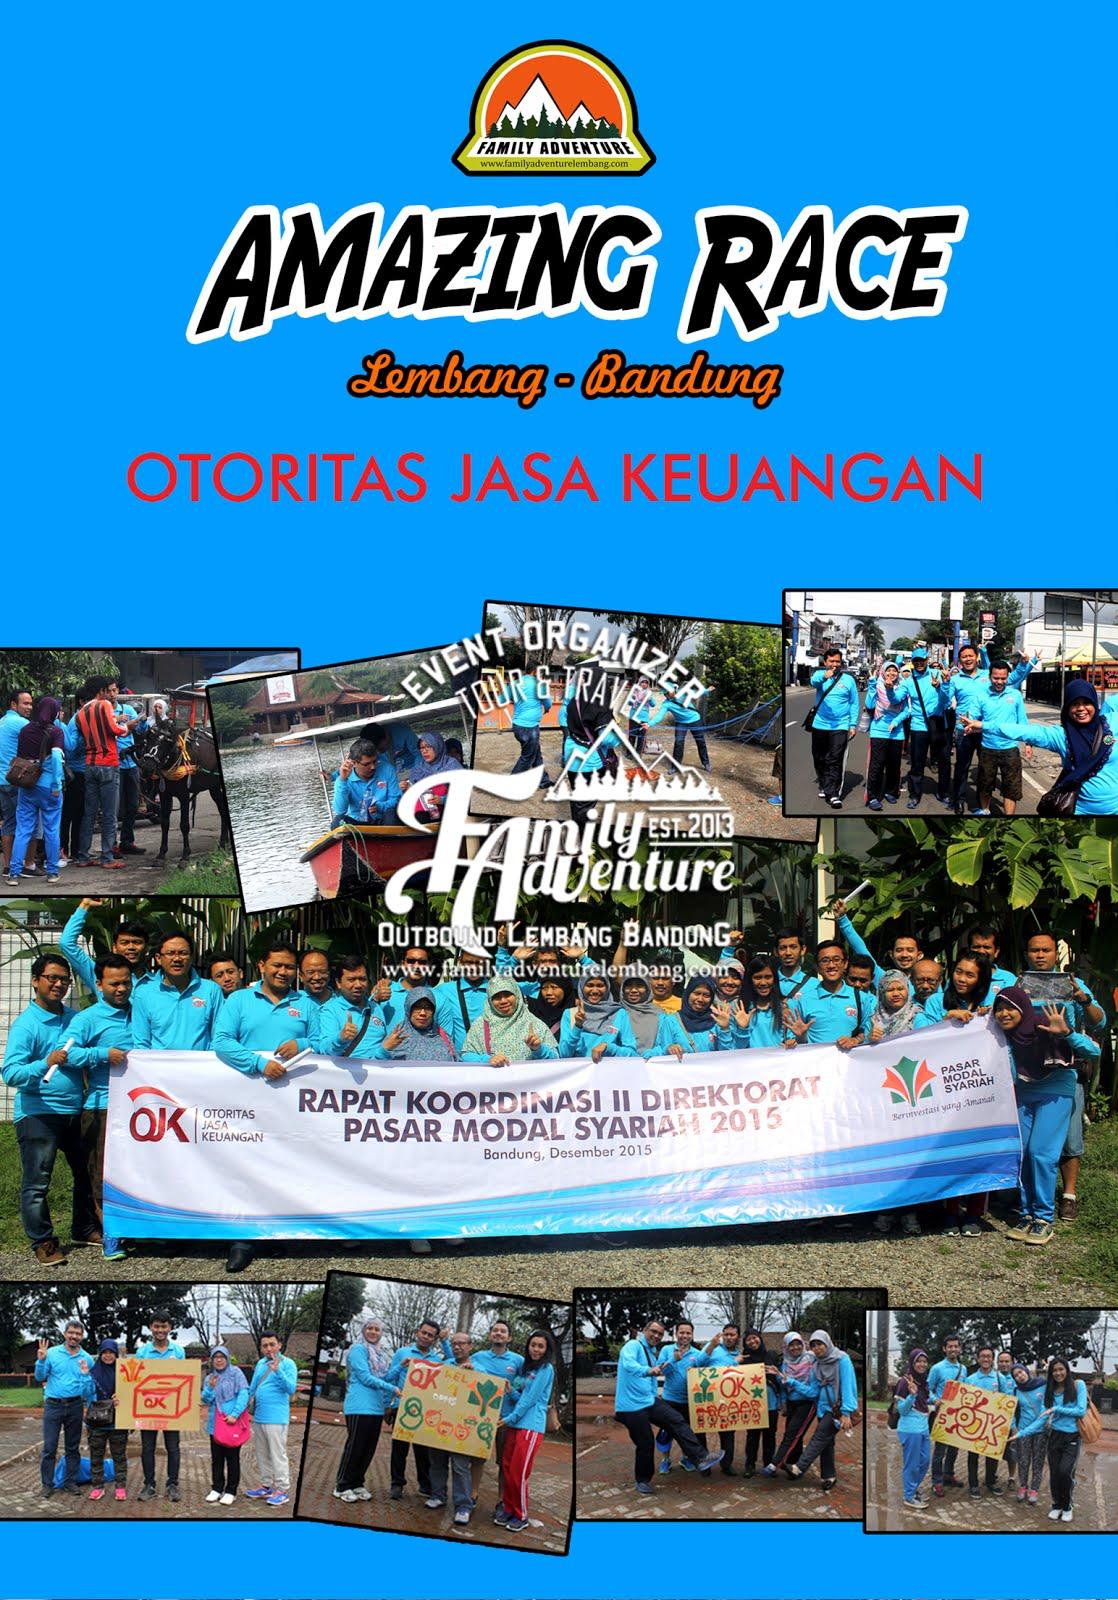 AMAZING RACE LEMBANG BANDUNG